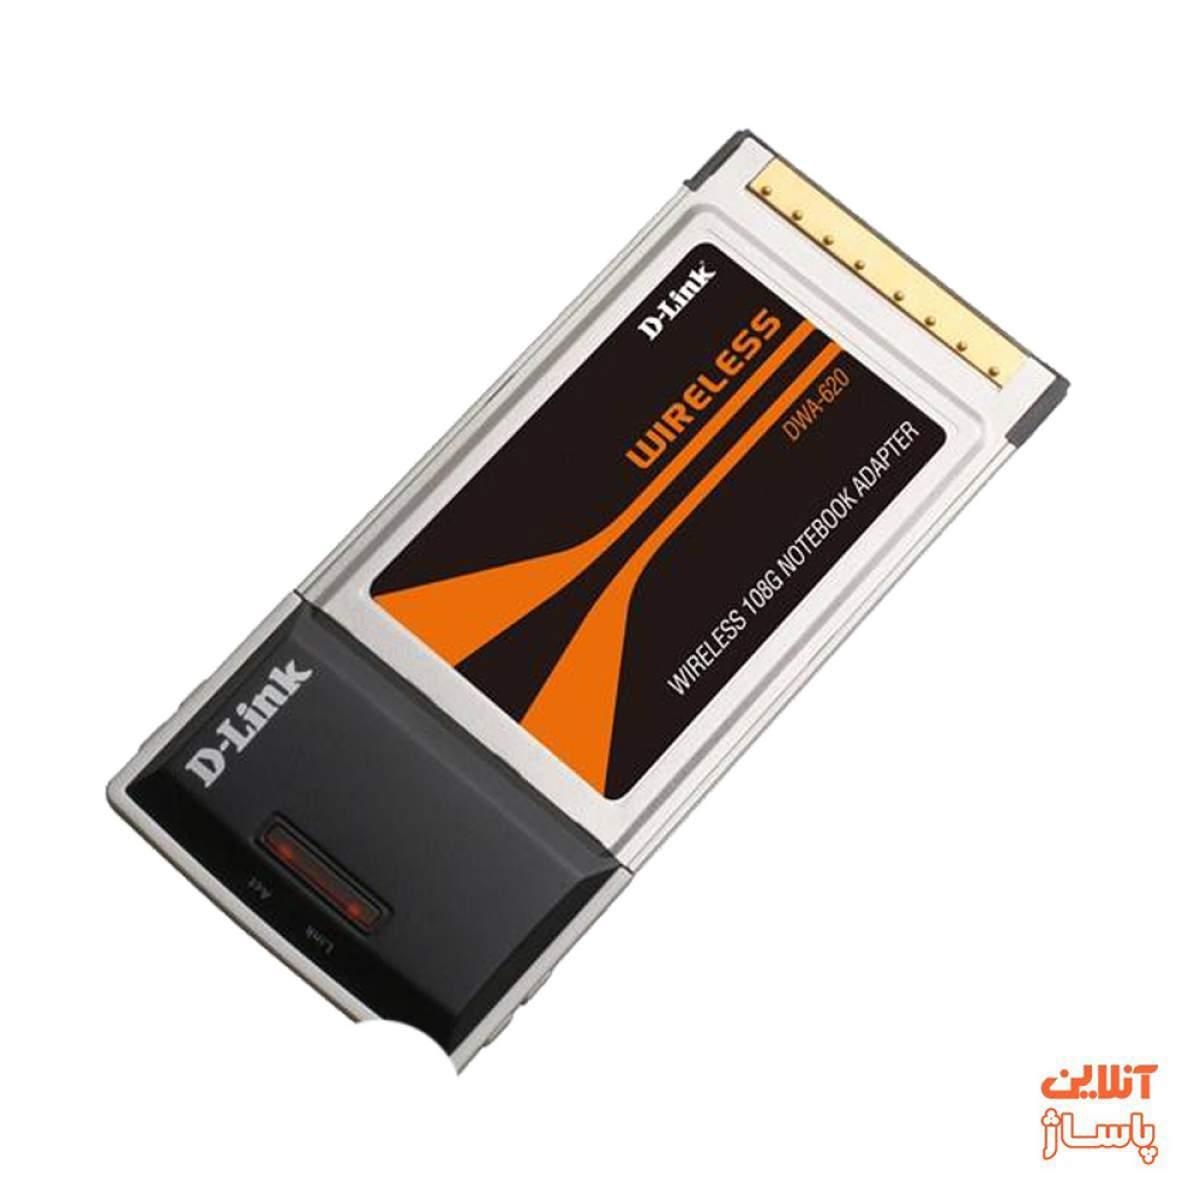 کارت شبکه PCMCIA و بیسیم دی-لینک مدل DWA-620